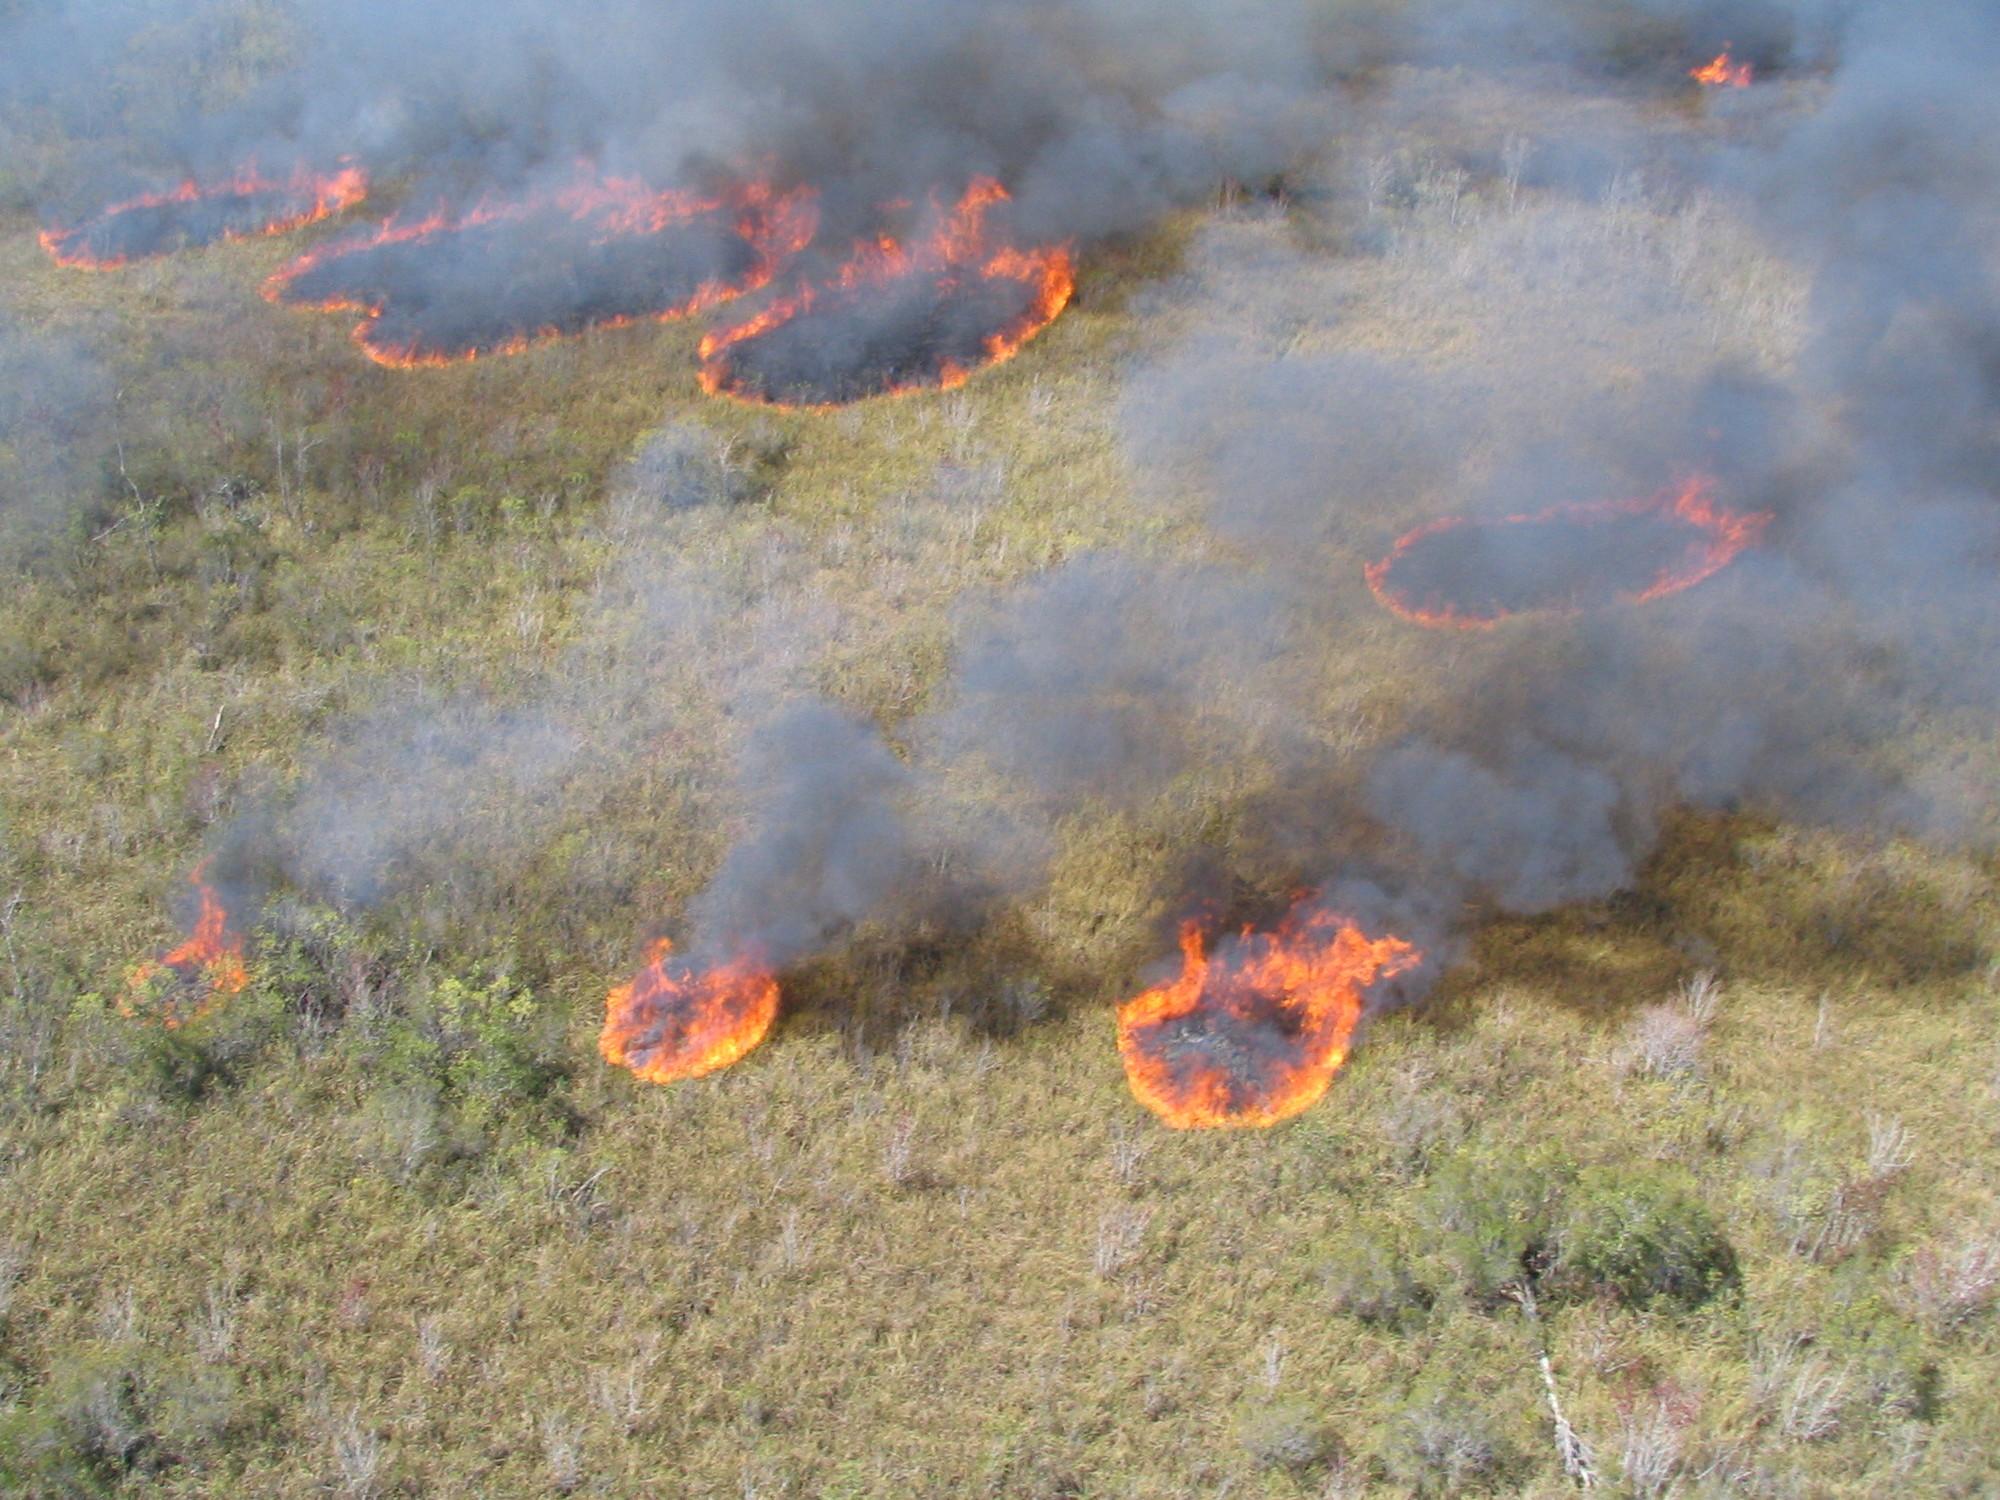 Aerial burning